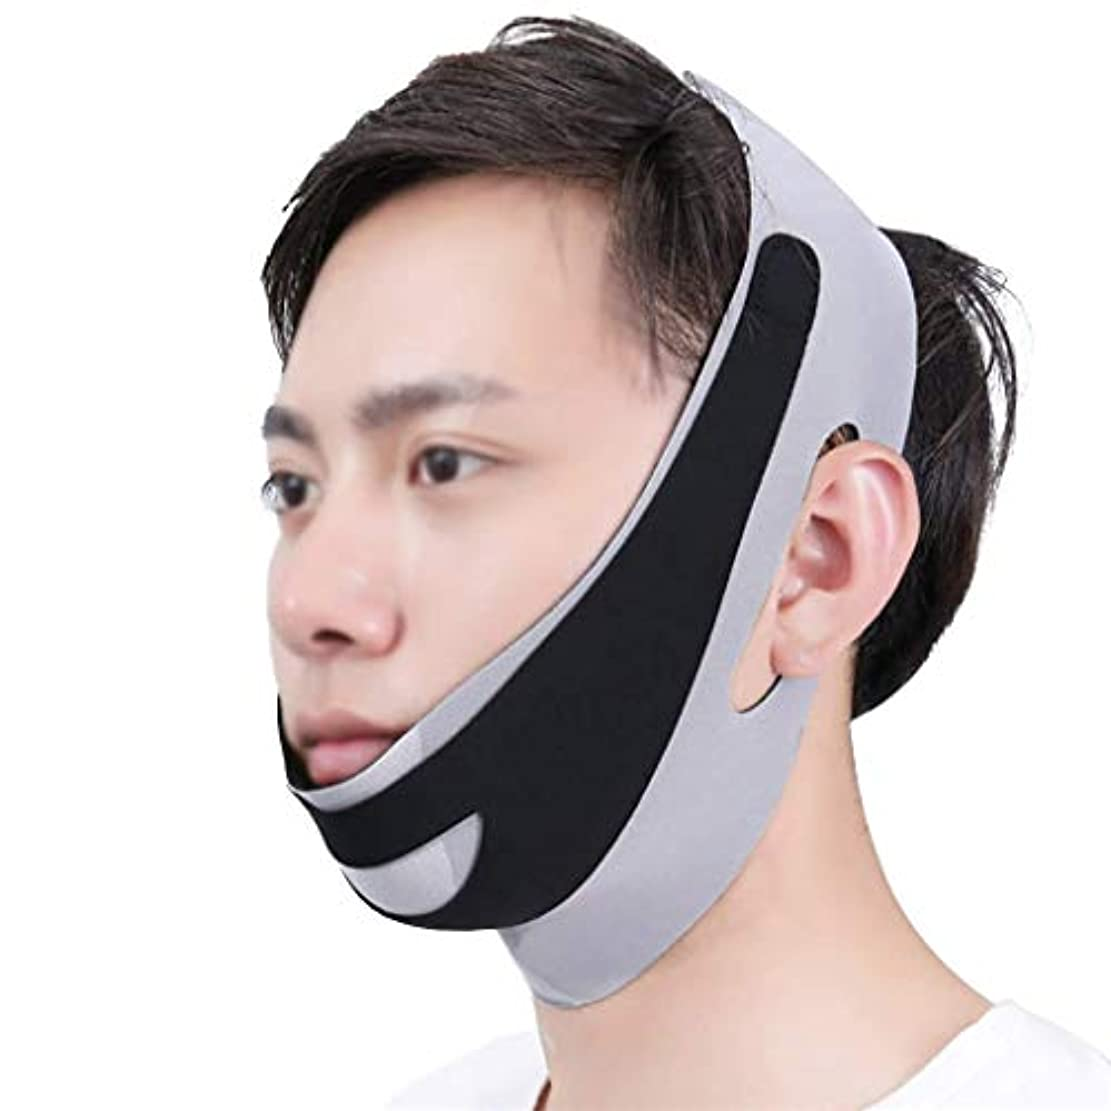 楽な死にかけている女将顔と首のリフト術後の弾性フェイスマスク小さなV顔アーティファクト薄い顔包帯アーティファクトV顔ぶら下げ耳リフティング引き締め男性の顔アーティファクト